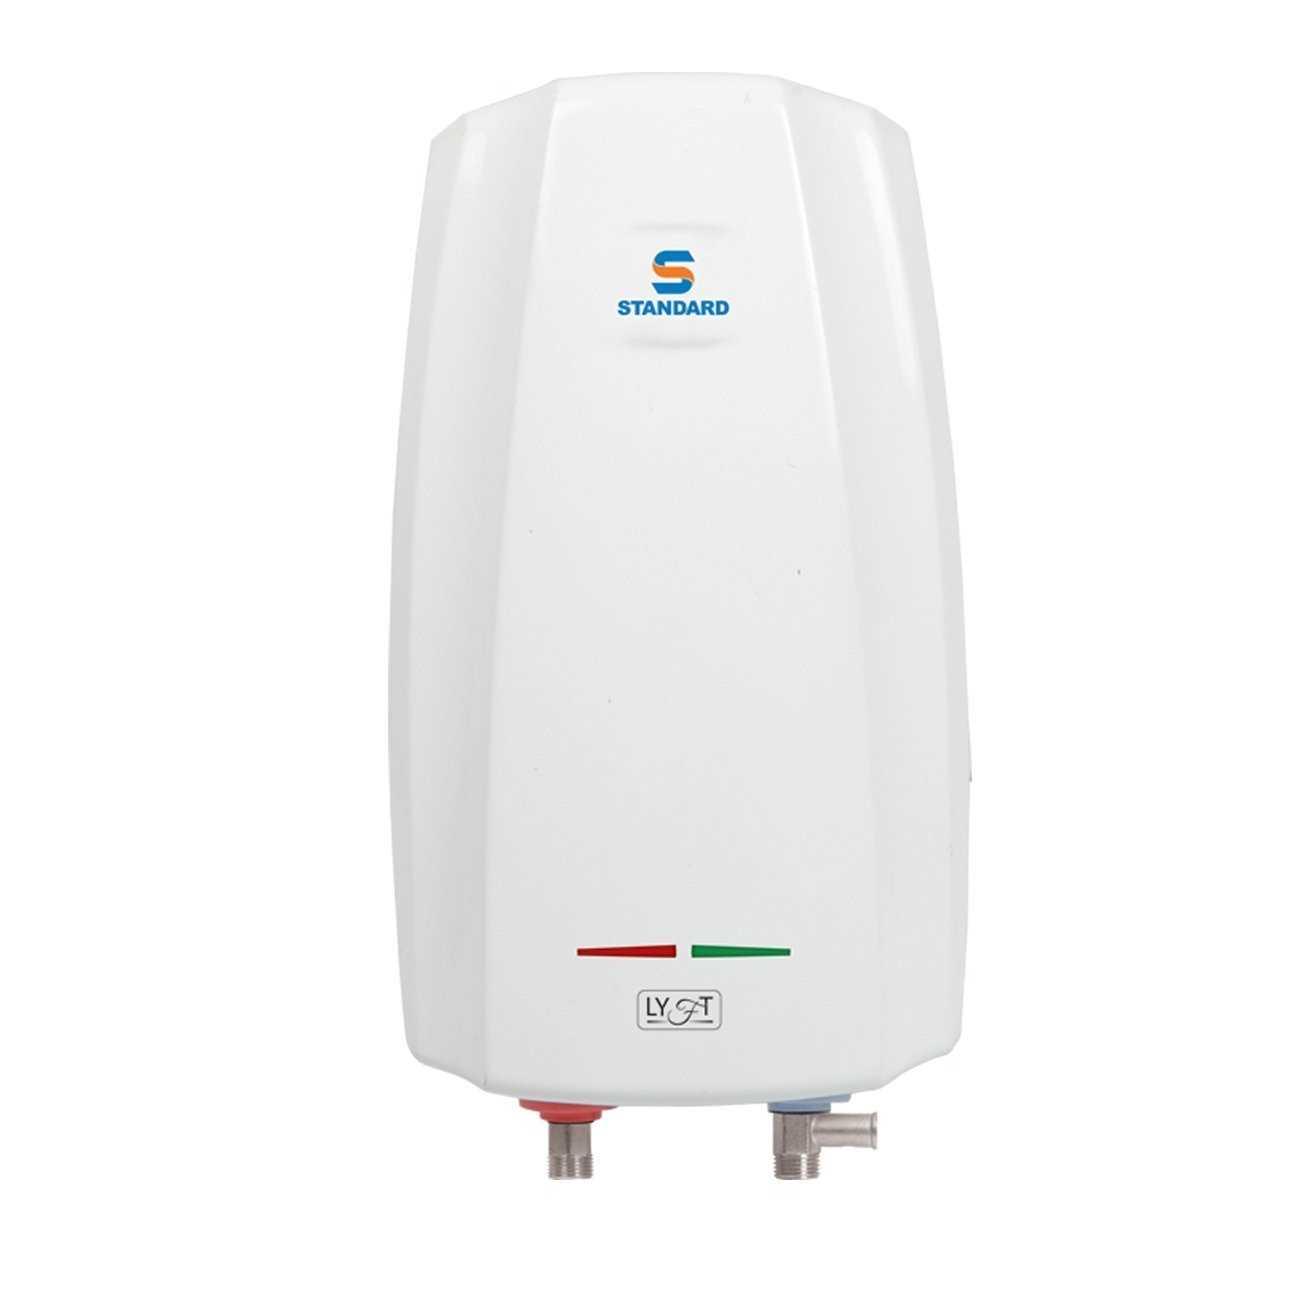 Standard Lyft 3 Litre Storage Water Geyser